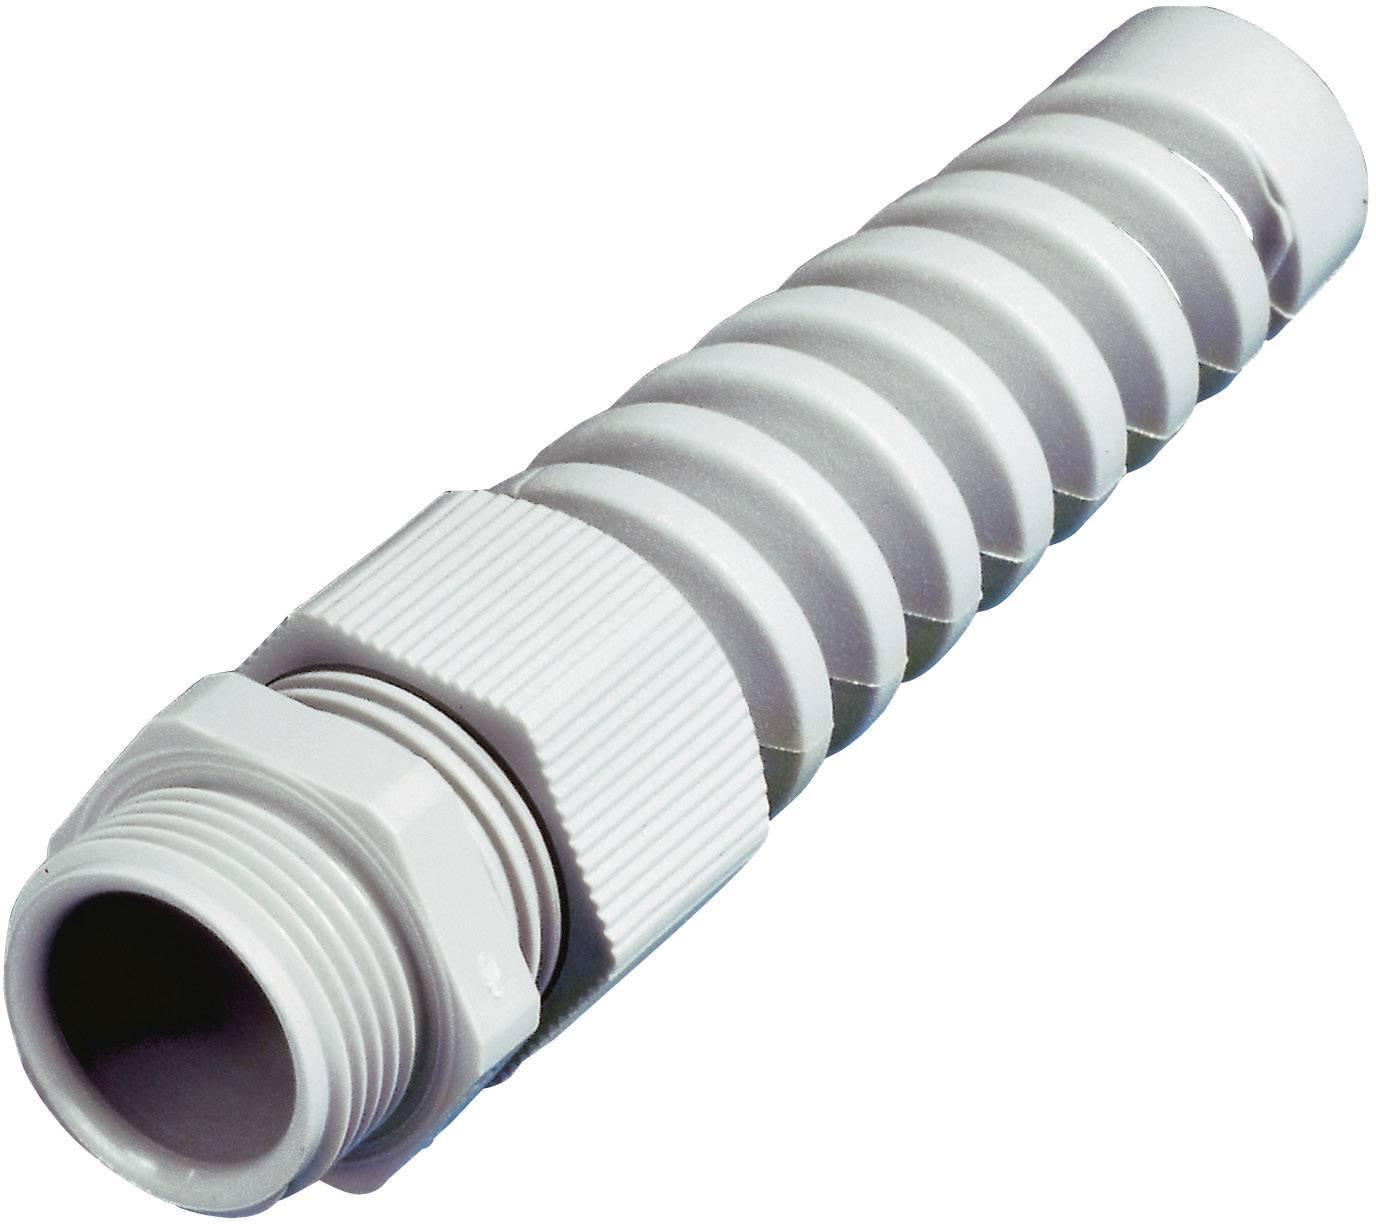 Káblová priechodka Wiska SKVS PG 16 RAL 7035;s odľahčením ťahu, s ochranou pred zlomením, polyamid, svetlo sivá, 1 ks